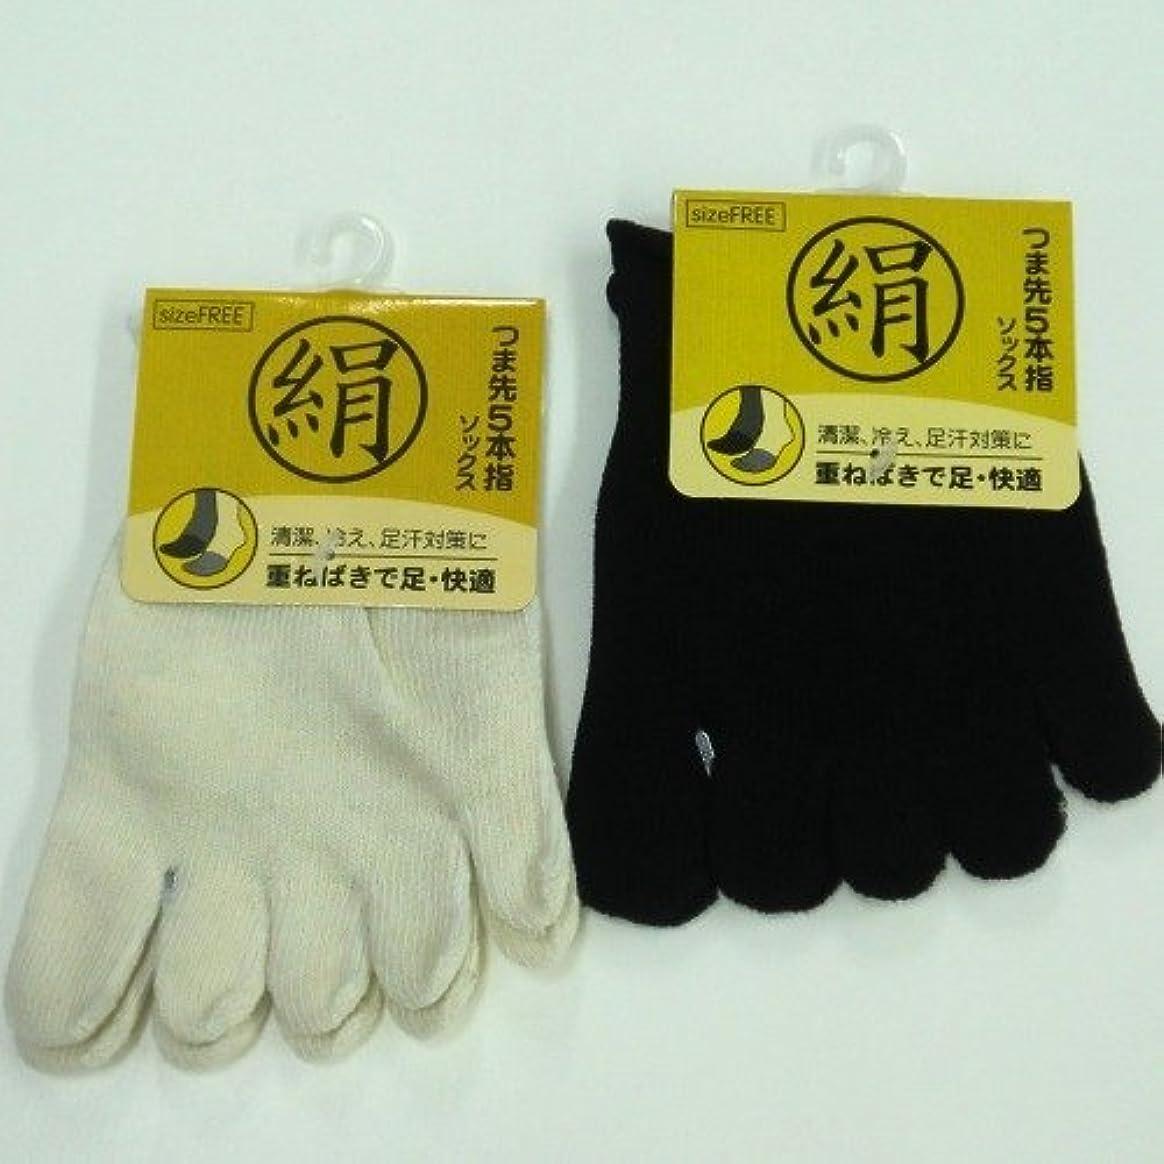 戦う管理者シネマシルク 5本指ハーフソックス 足指カバー 天然素材絹で抗菌防臭 3足組 (色はお任せ)